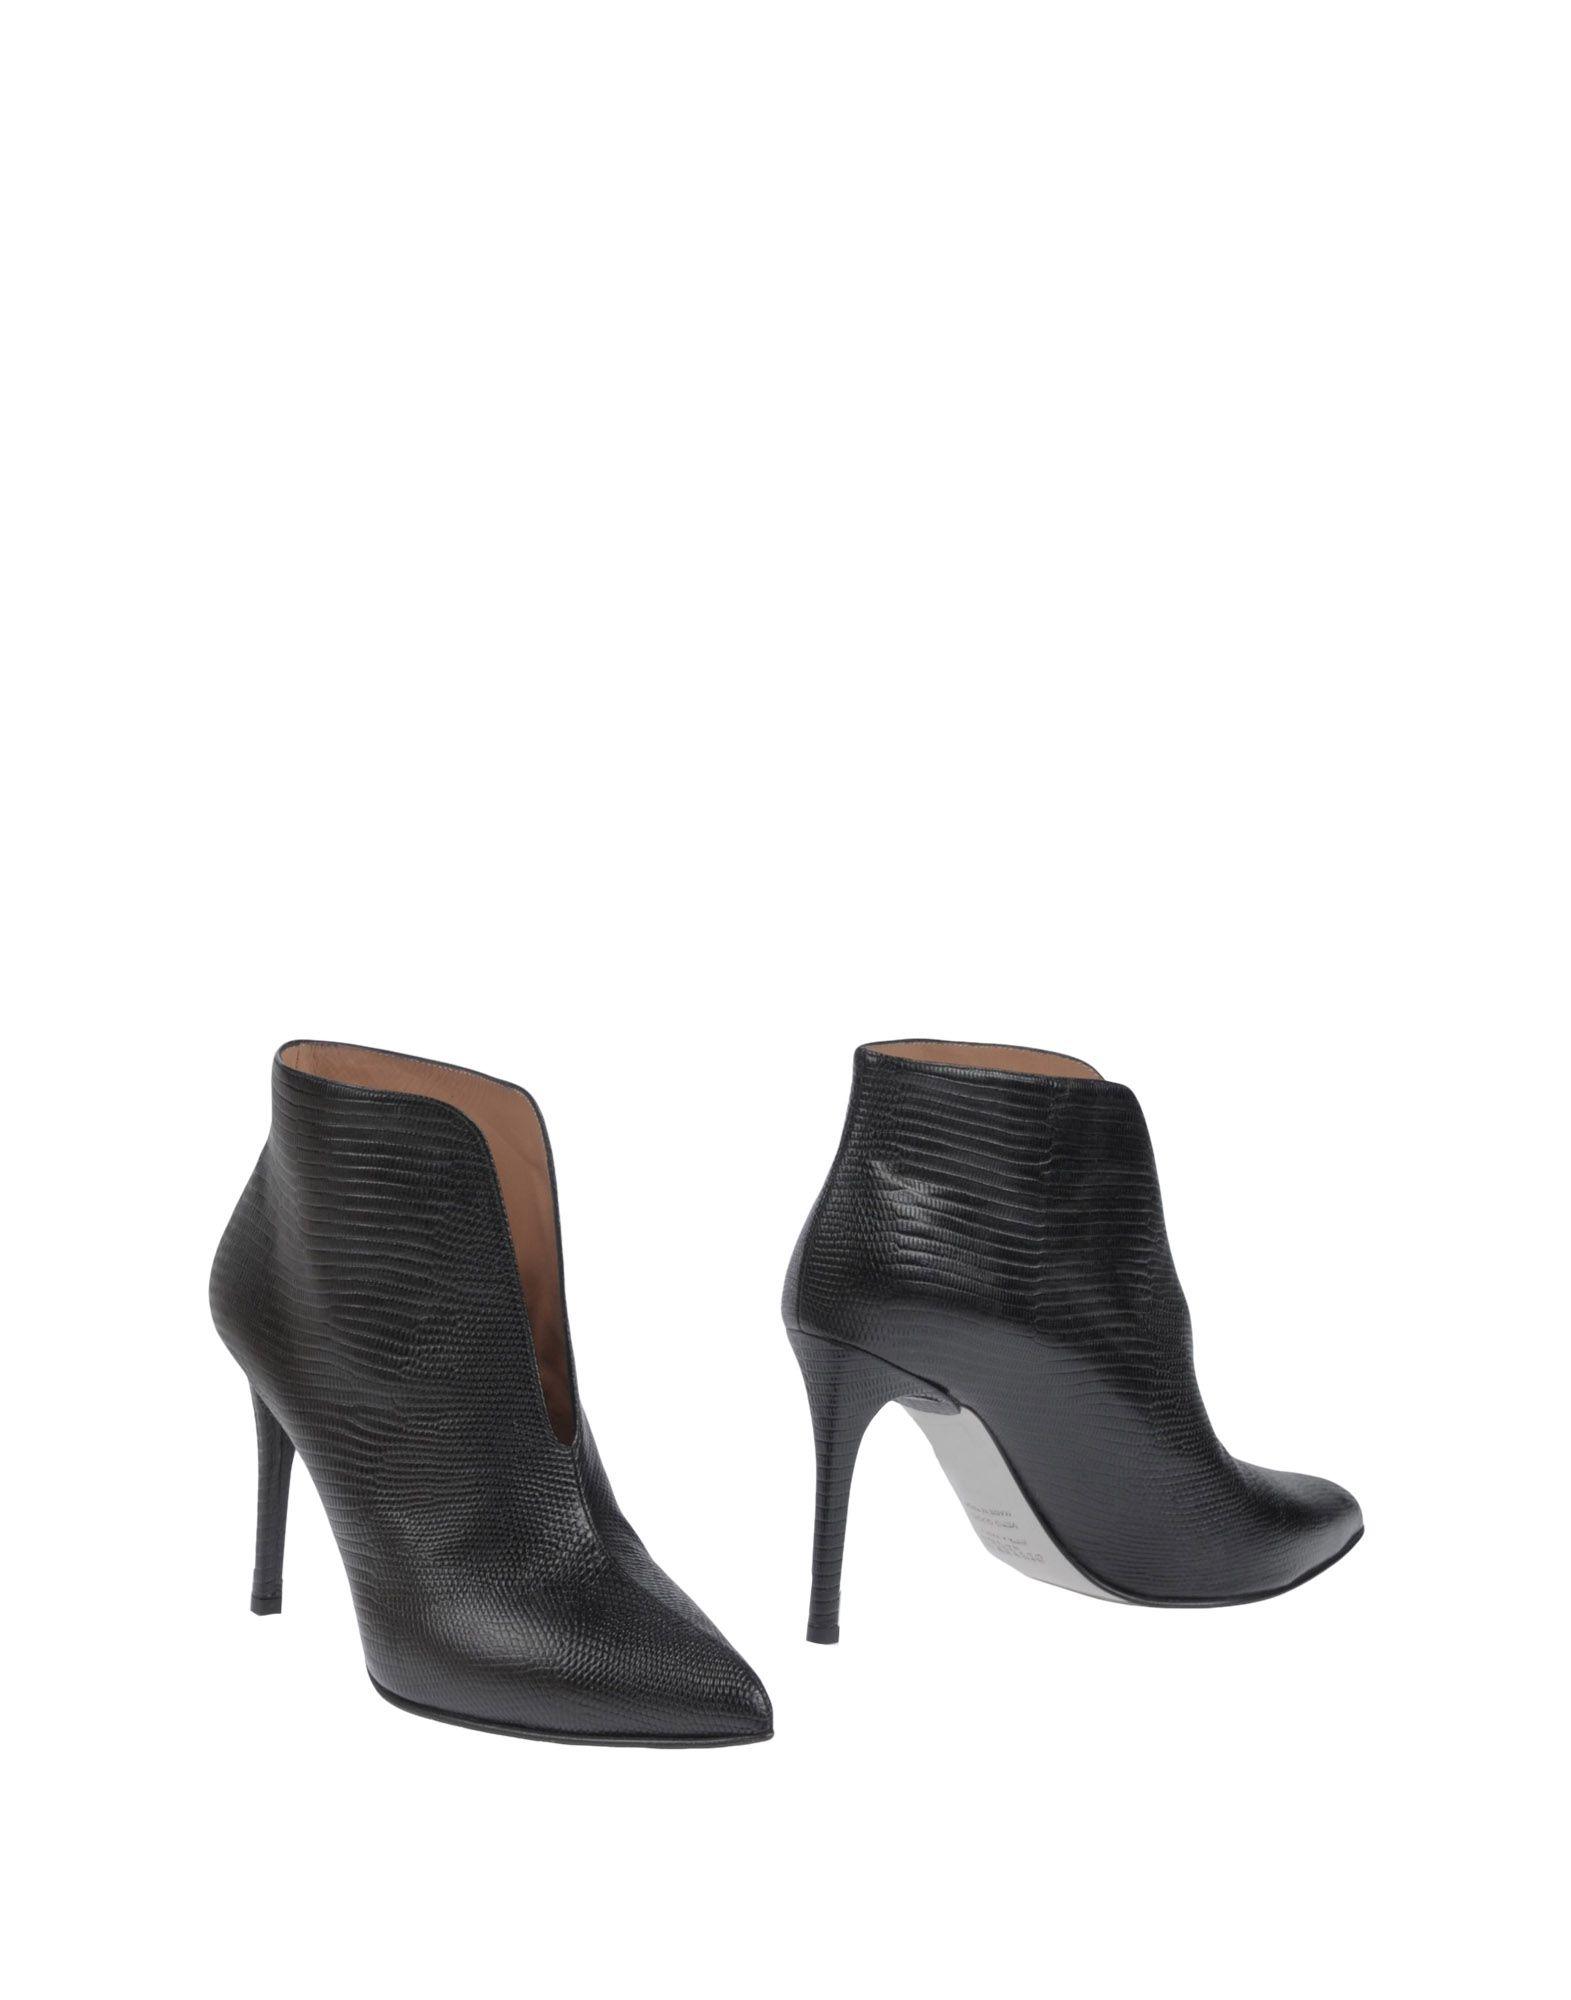 Dibrera By Paolo Zanoli Stiefelette Damen  strapazierfähige 11288917HFGut aussehende strapazierfähige  Schuhe 847c6c